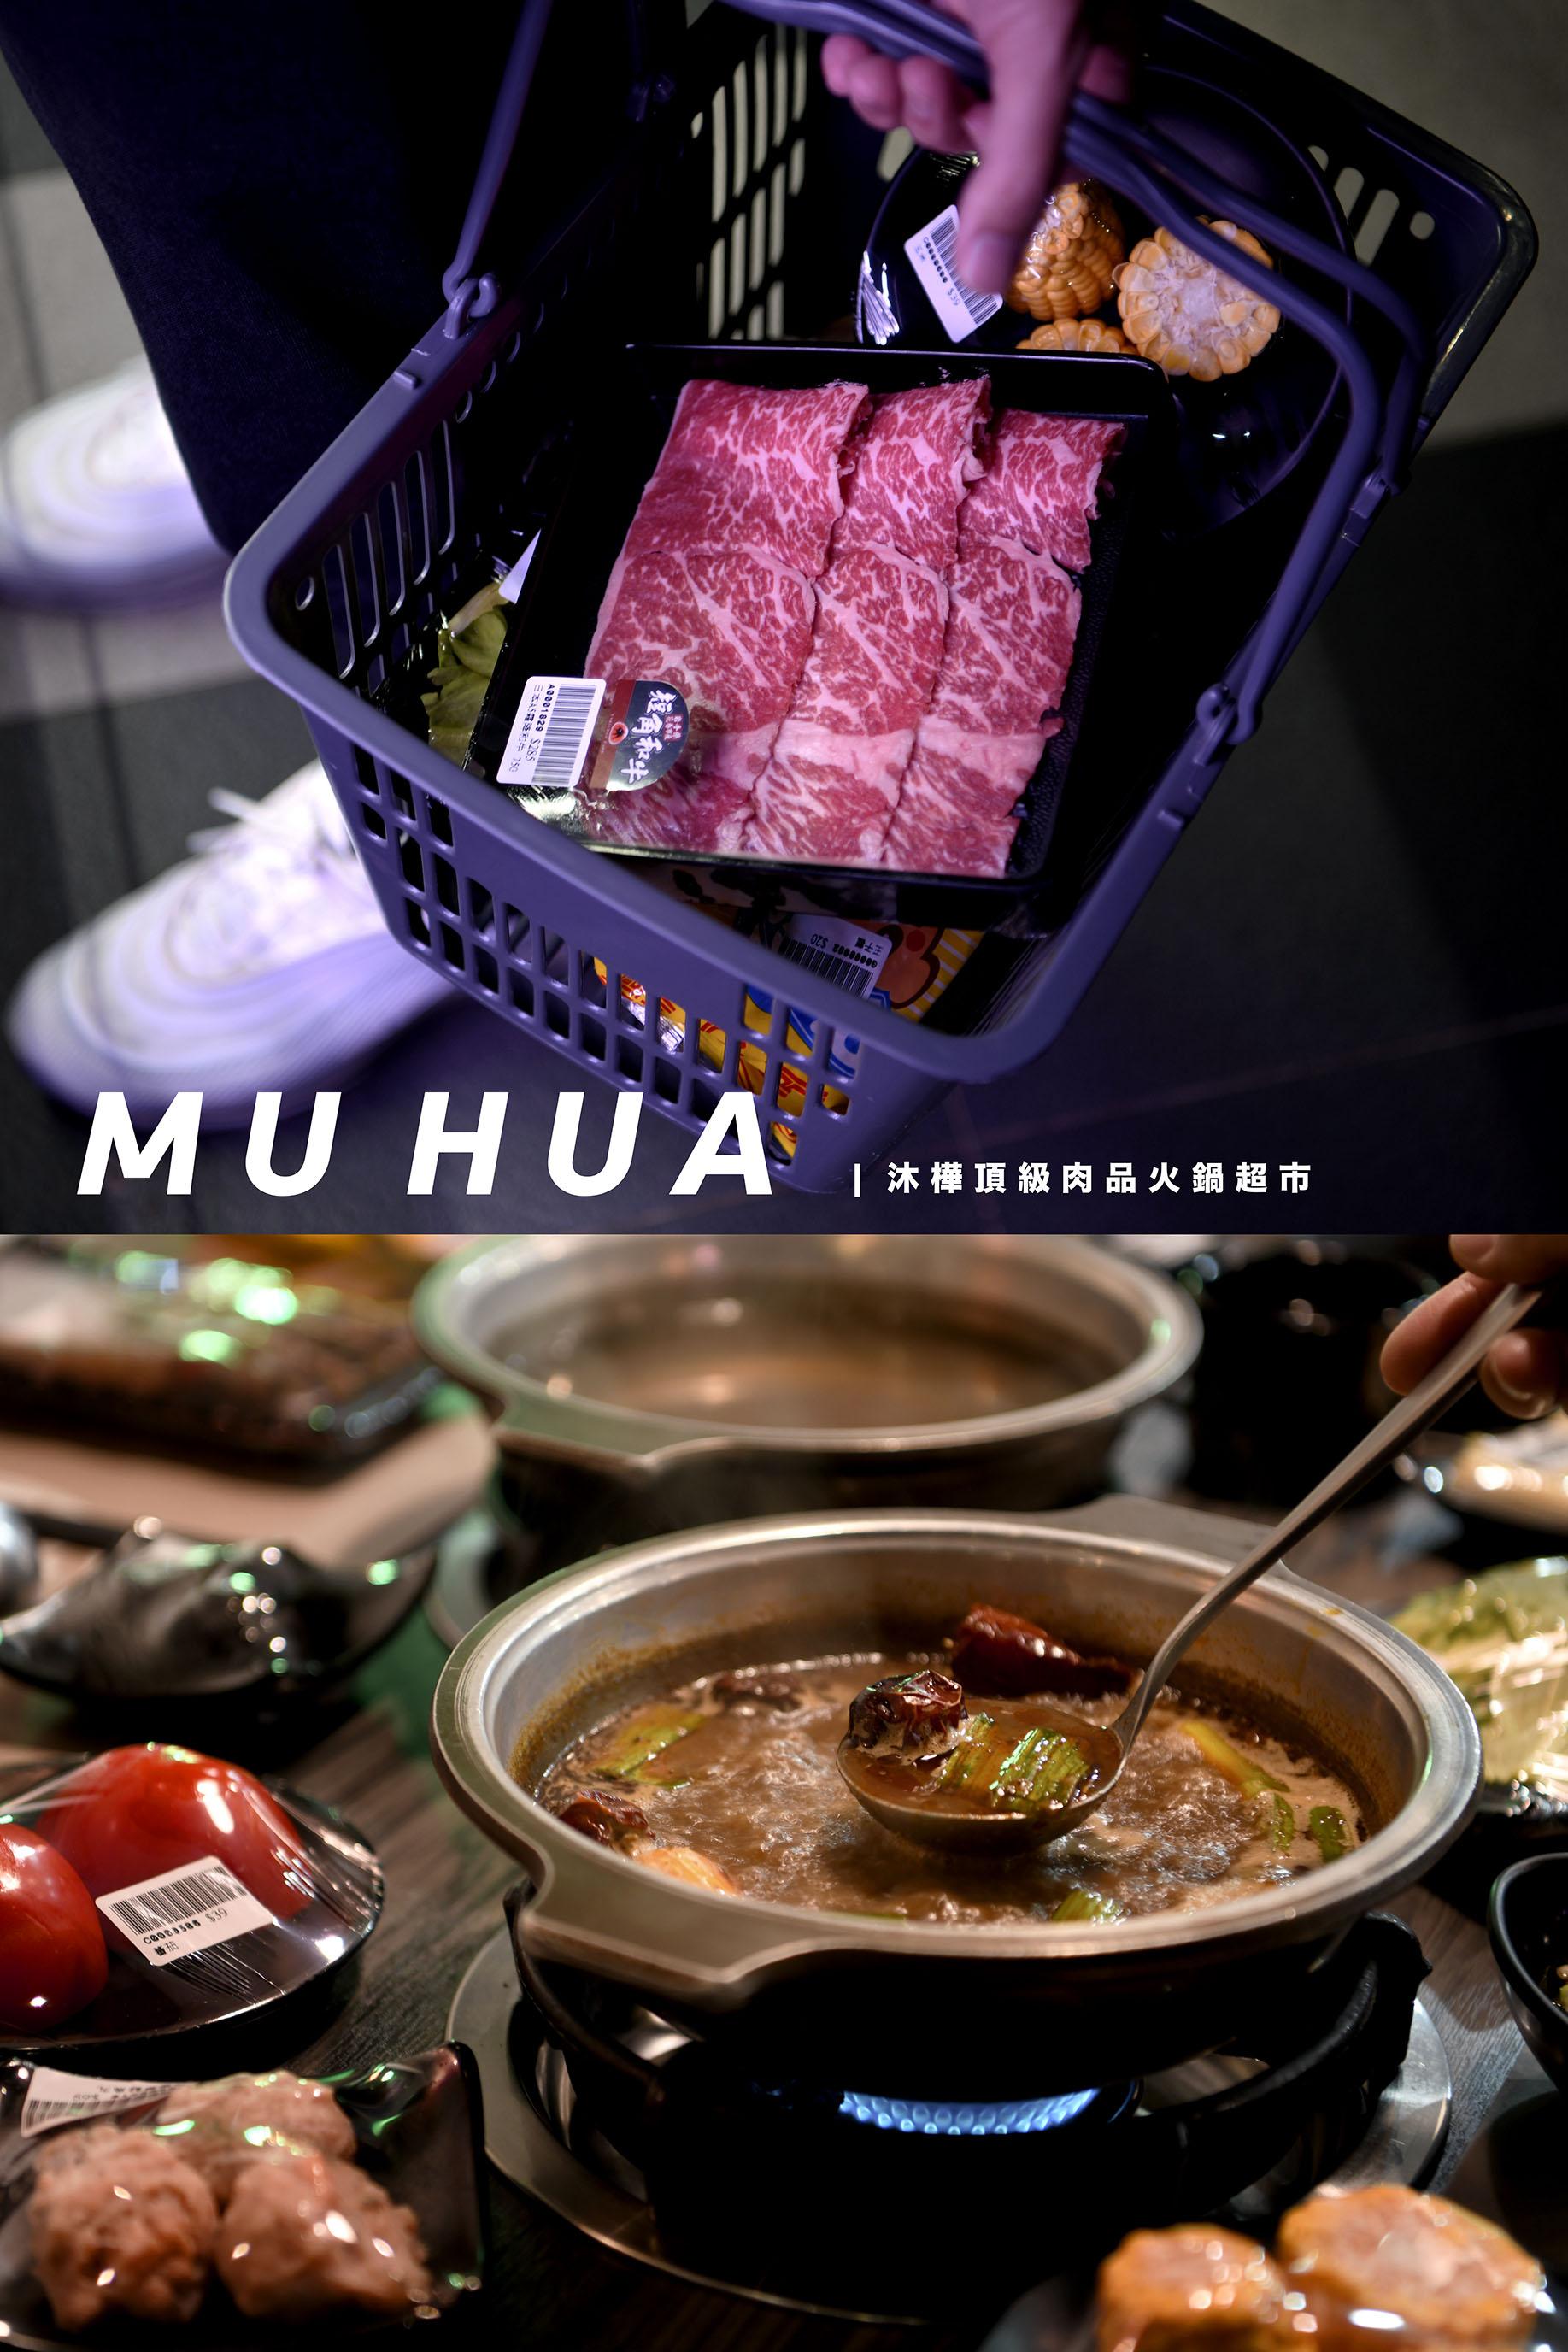 沐樺火鍋超市